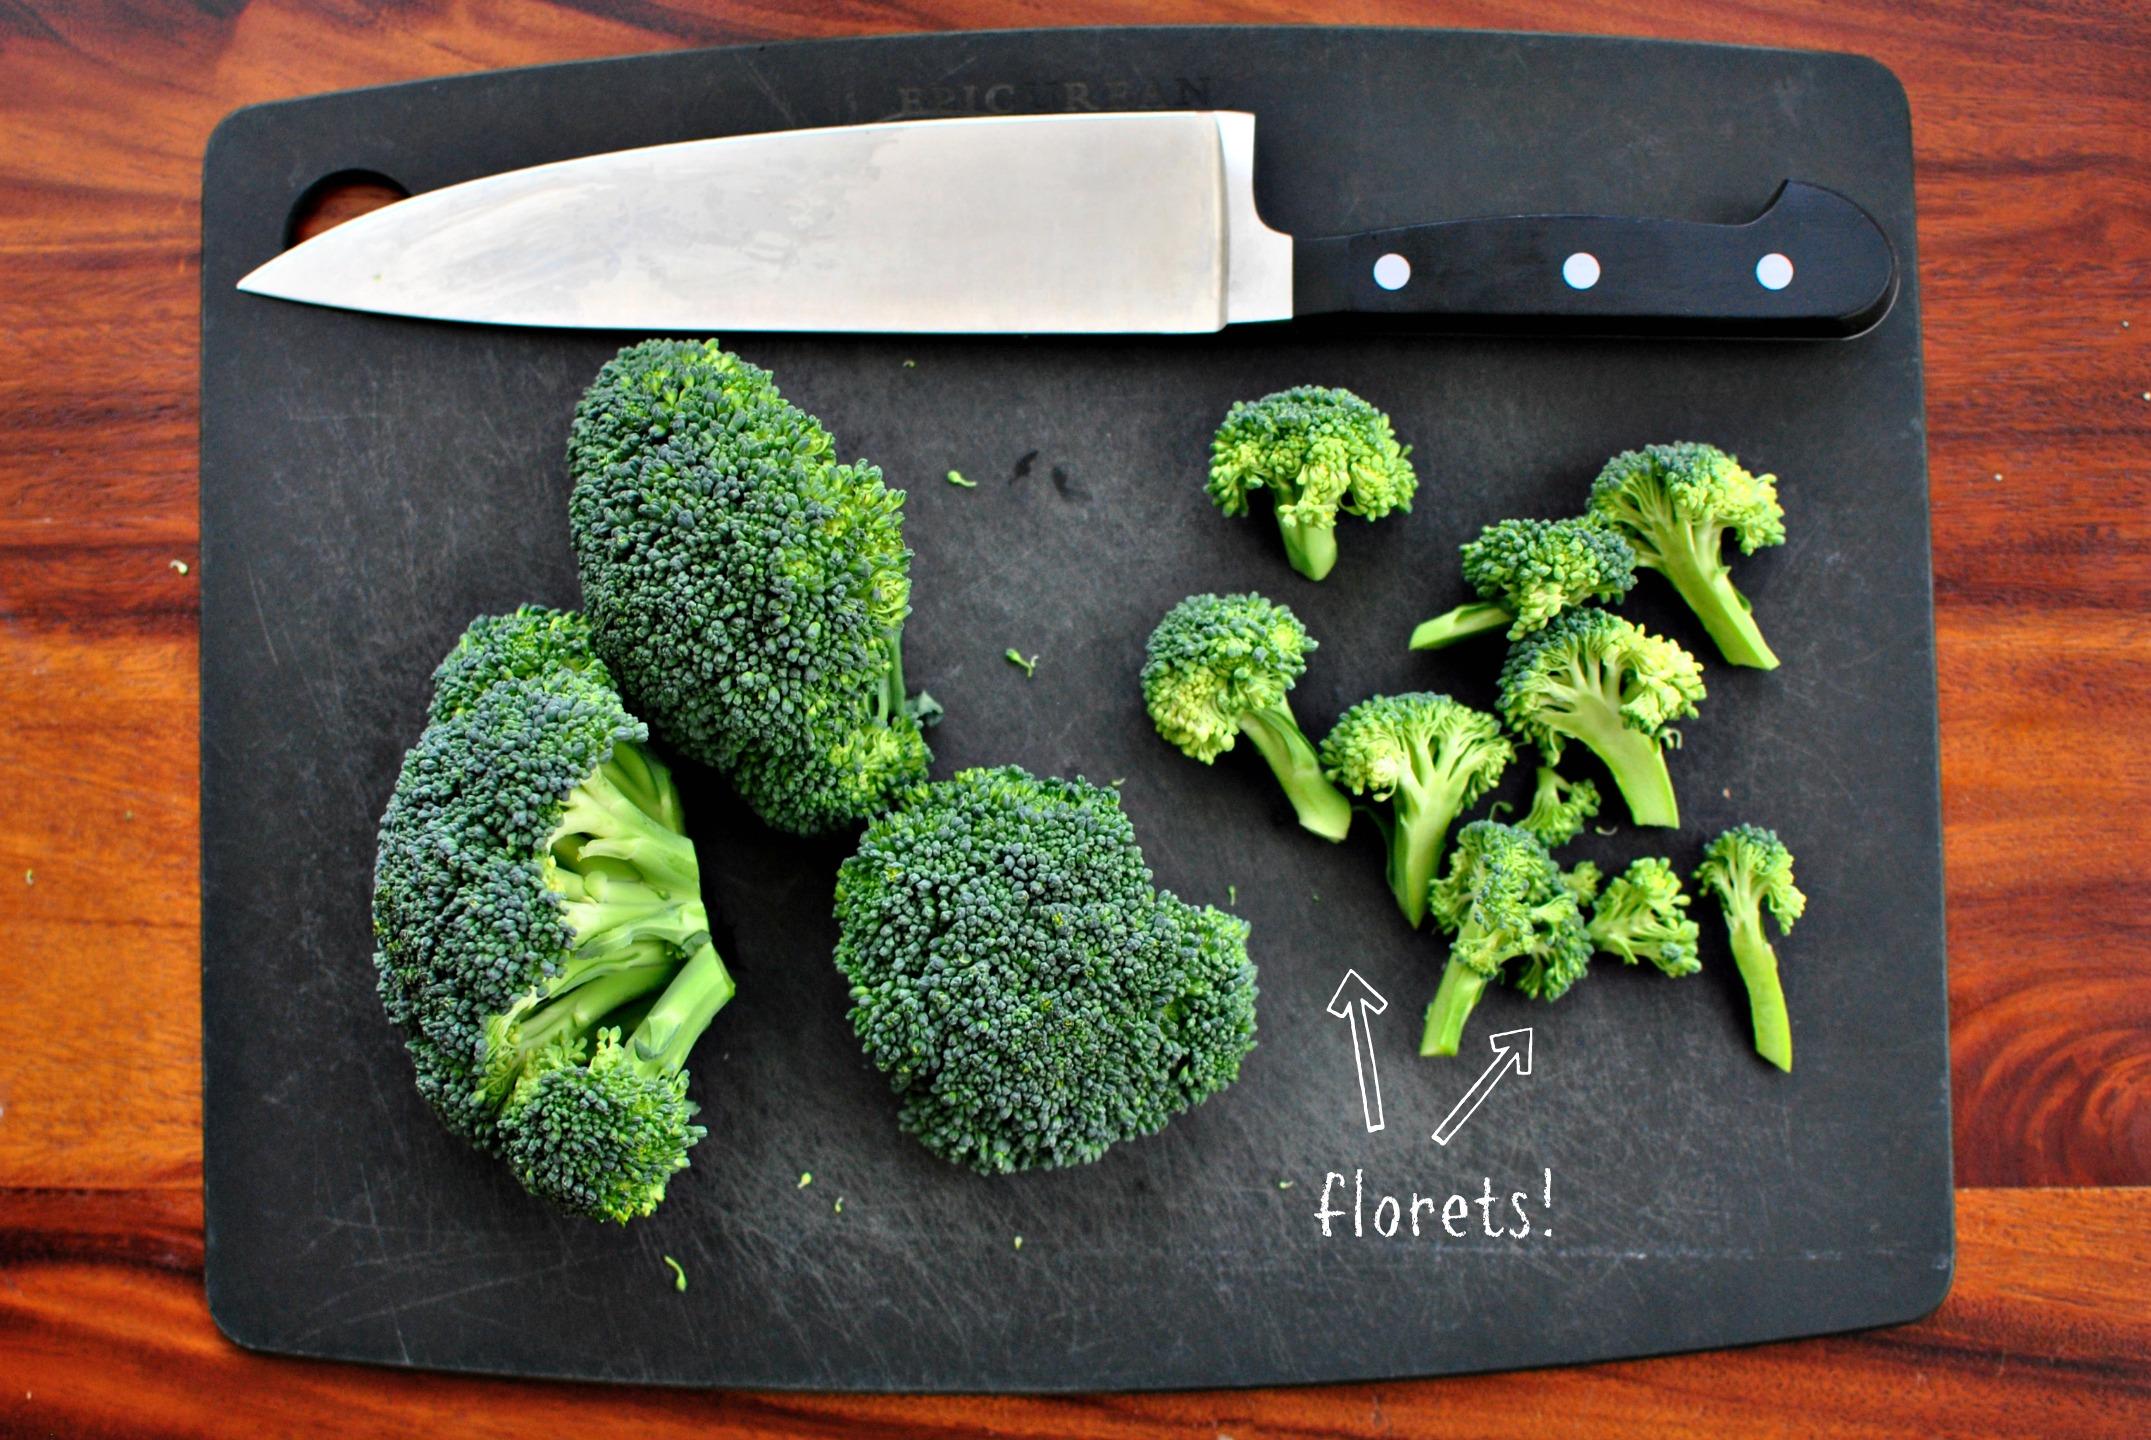 florets - photo #21